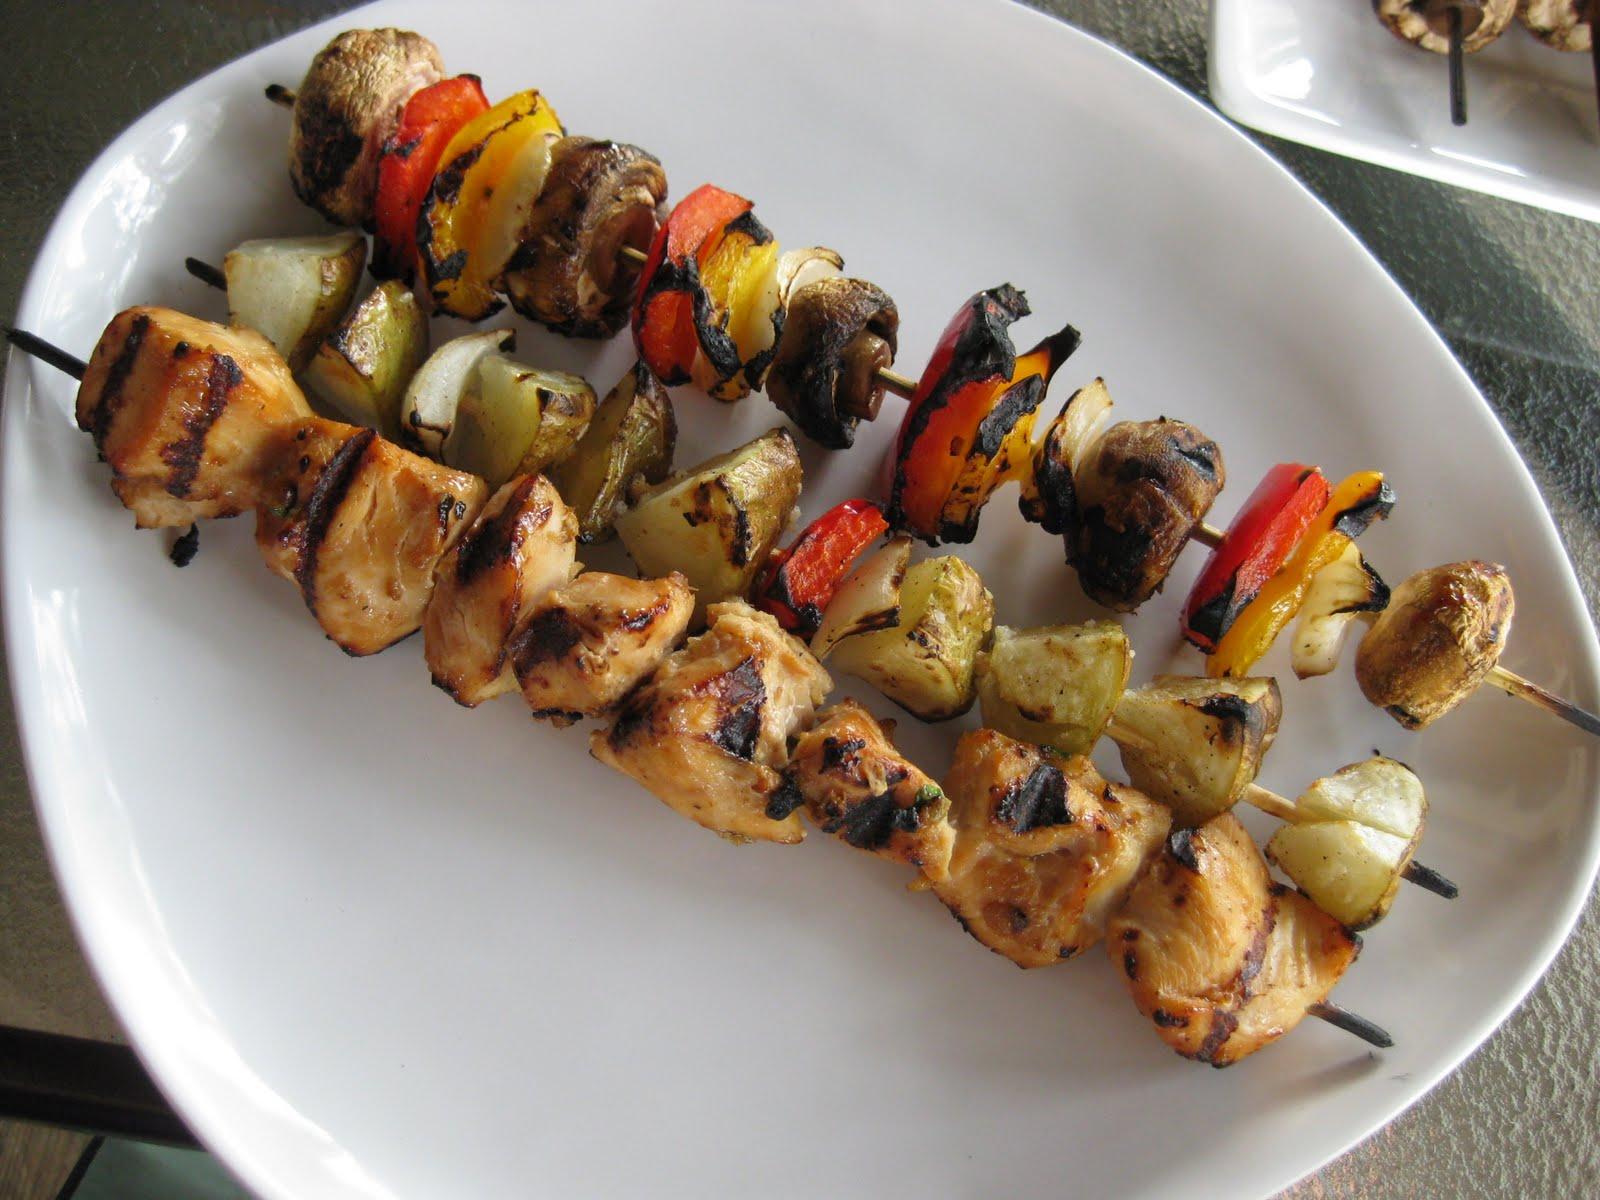 ... chicken wings korean spicy bbq chicken tacos dakkochi korean skewered